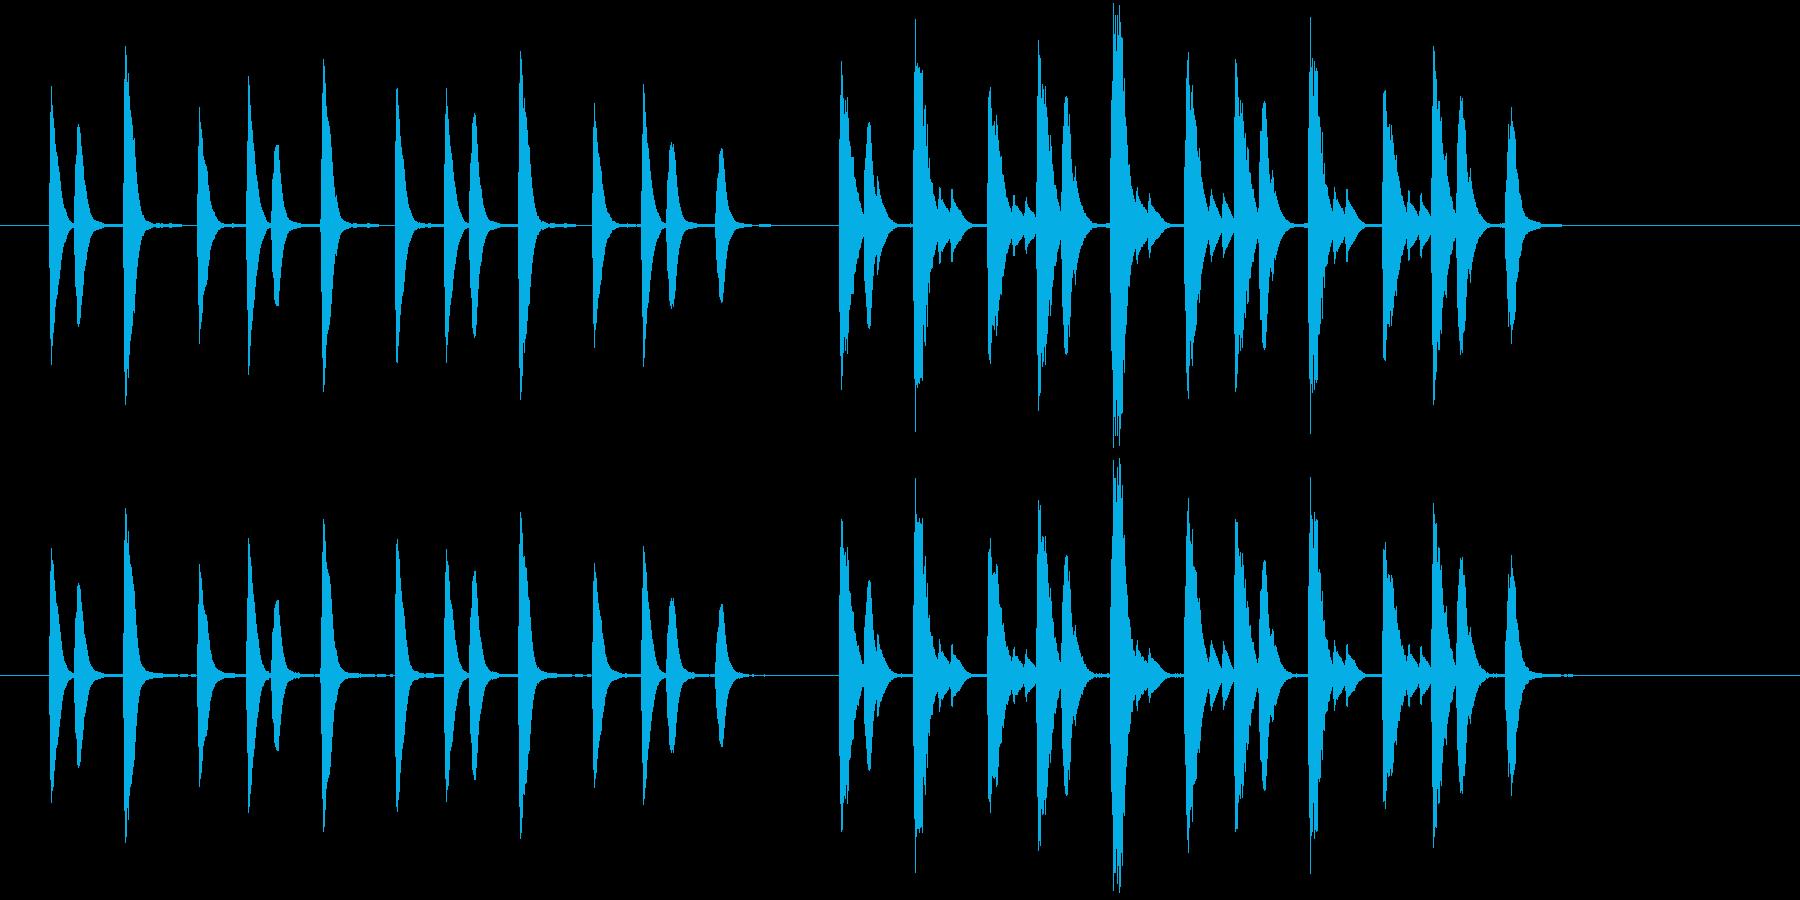 ほのぼのした場面切り替えに使えるジングルの再生済みの波形